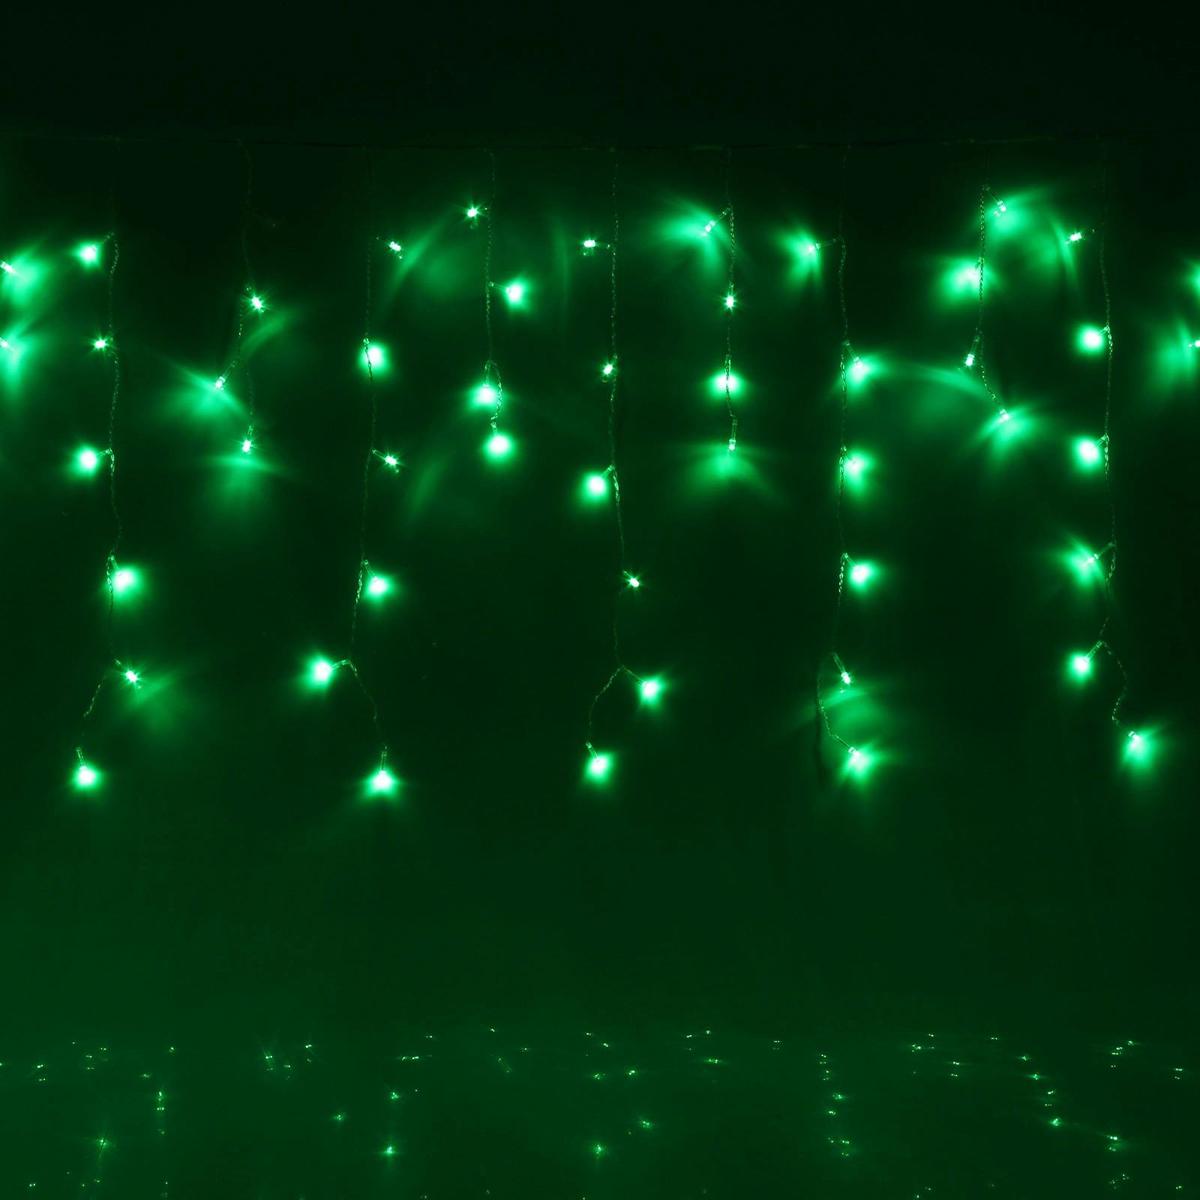 Гирлянда светодиодная Luazon Бахрома, уличная, 8 режимов, 60 ламп, 220V, цвет: зеленый, 1 х 0,6 м. 187248187248Светодиодные гирлянды, ленты и т.д — это отличный вариант для новогоднего оформления интерьера или фасада. С их помощью помещение любого размера можно превратить в праздничный зал, а внешние элементы зданий, украшенные ими, мгновенно станут напоминать очертания сказочного дворца. Такие украшения создают ауру предвкушения чуда. Деревья, фасады, витрины, окна и арки будто специально созданы, чтобы вы украсили их светящимися нитями.